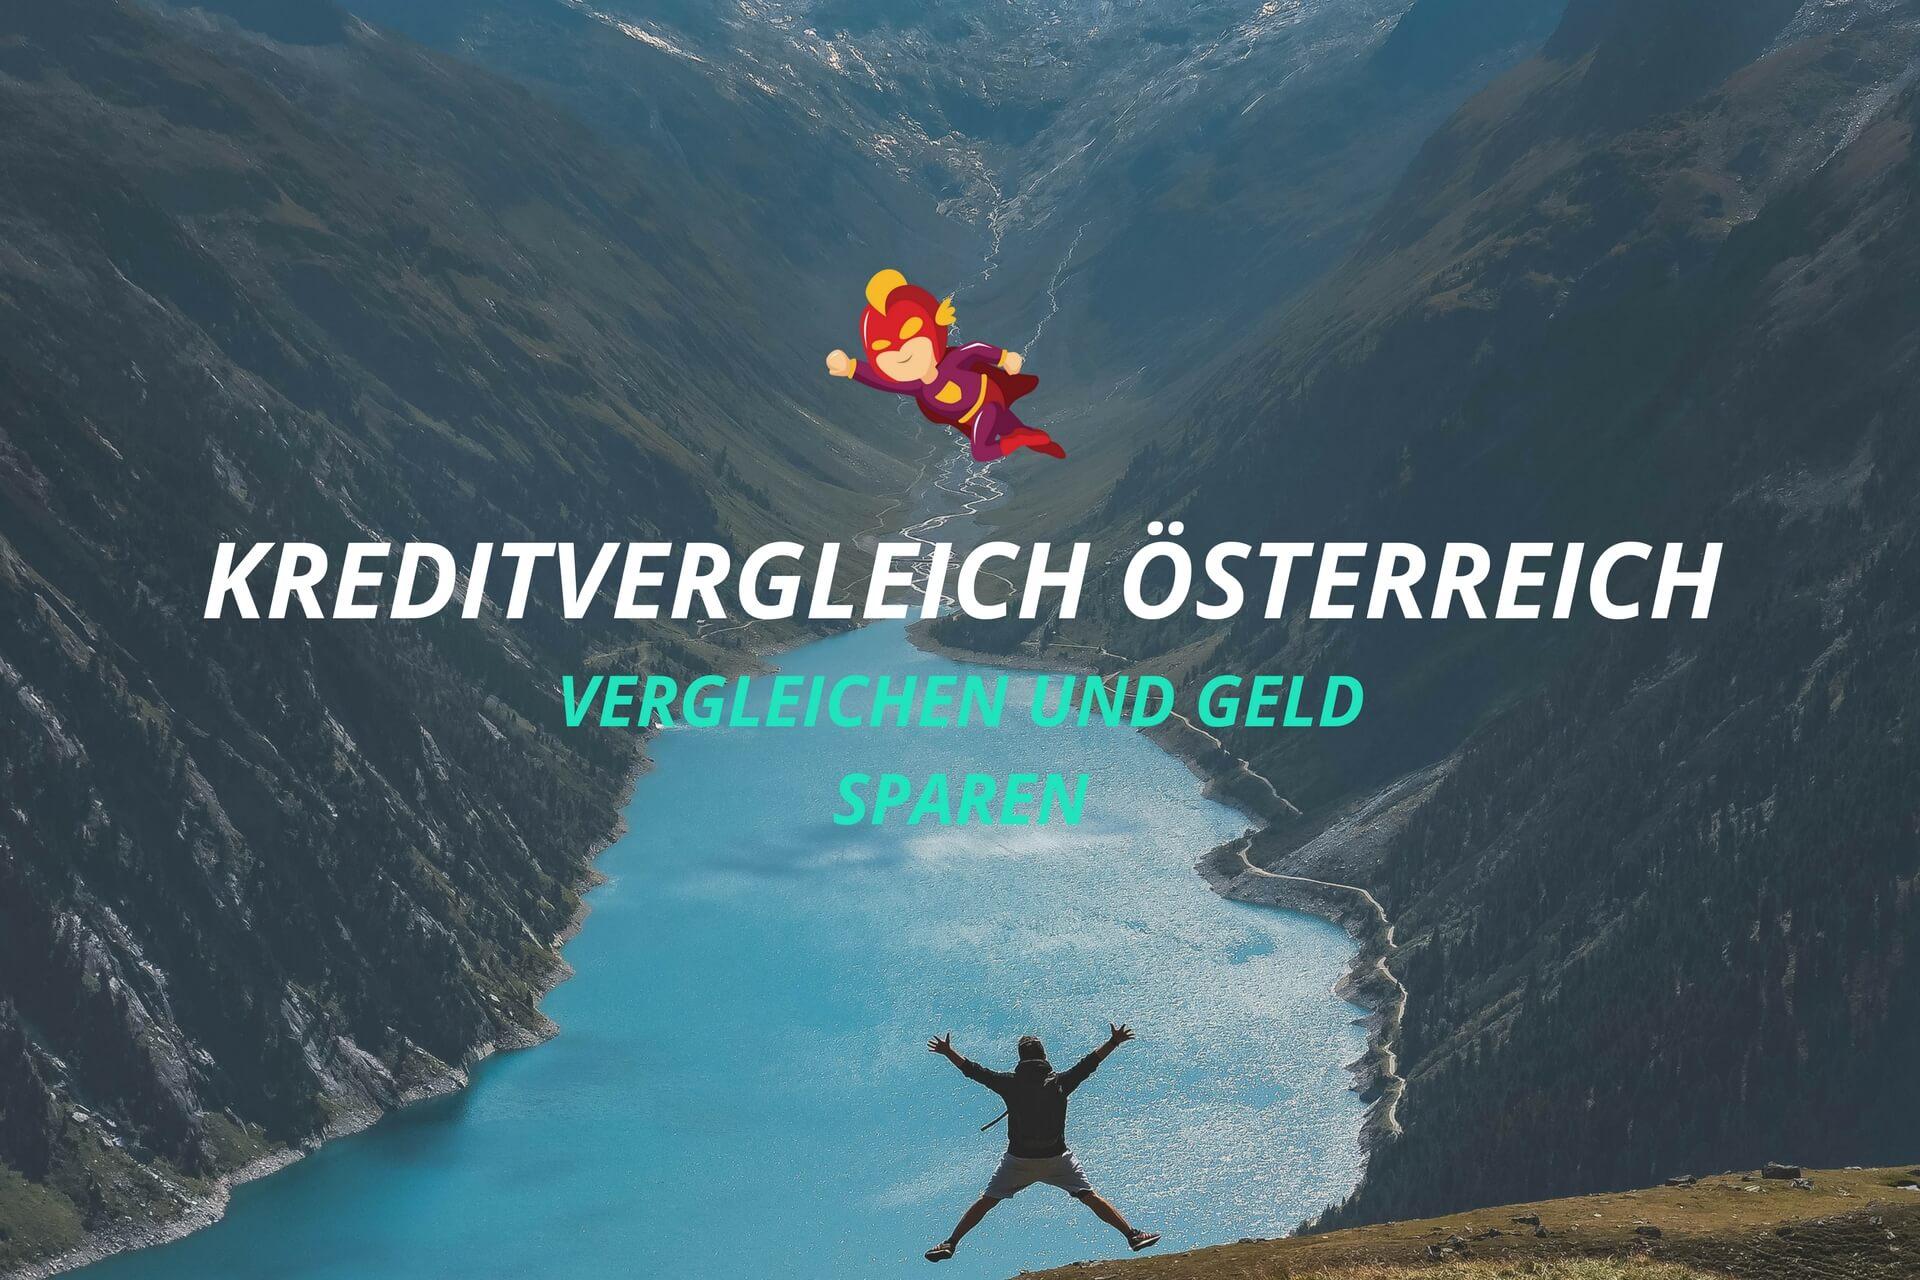 Kreditvergleich Österreich - Finanzhelden.org